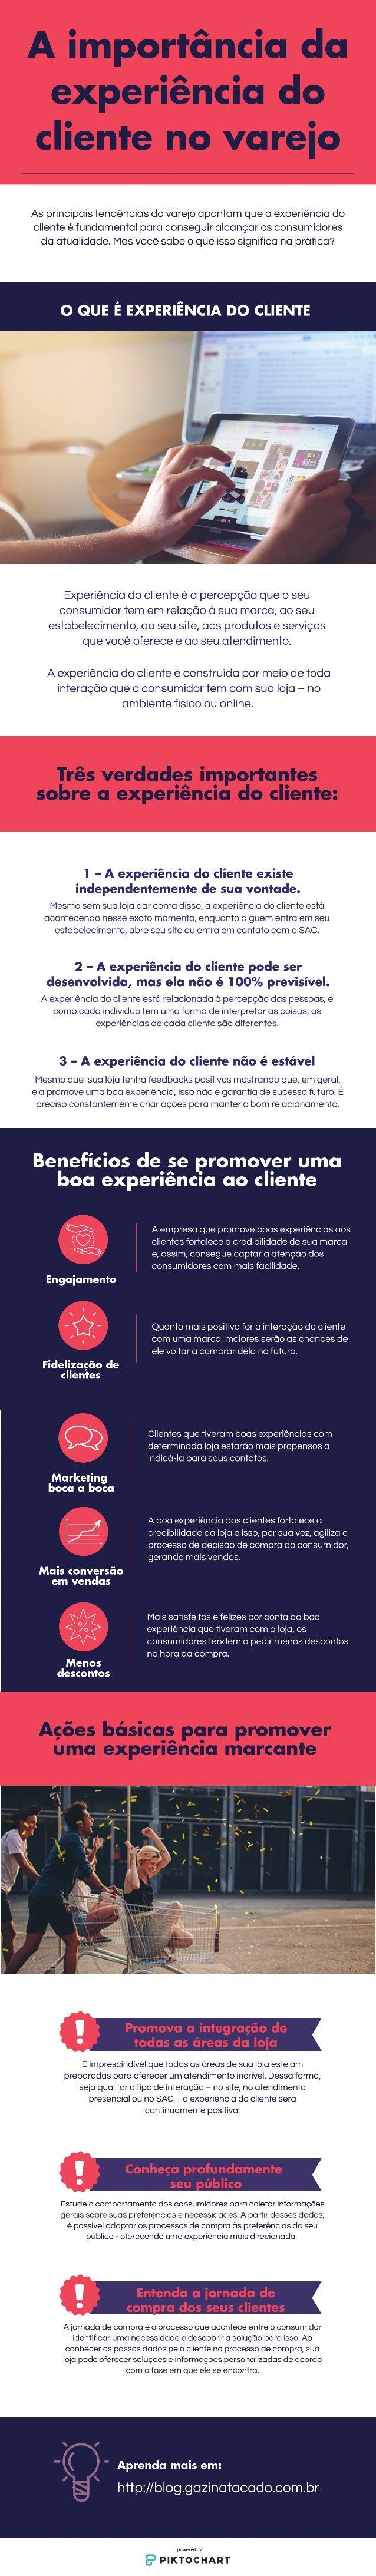 A importância da experiência do cliente no varejo